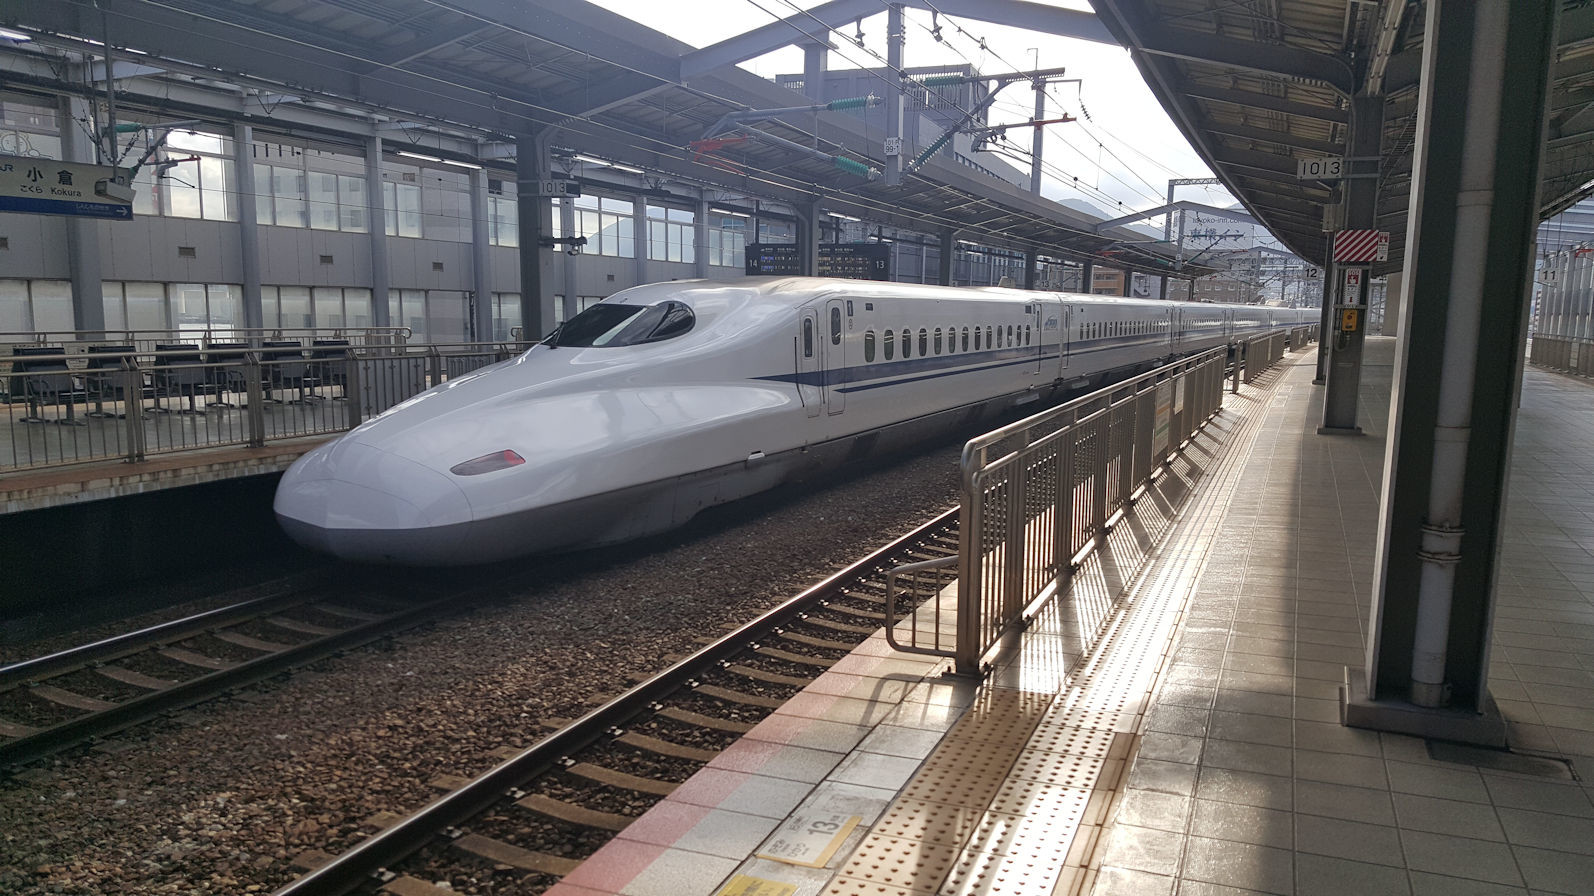 Welcome, to the Shinkansen